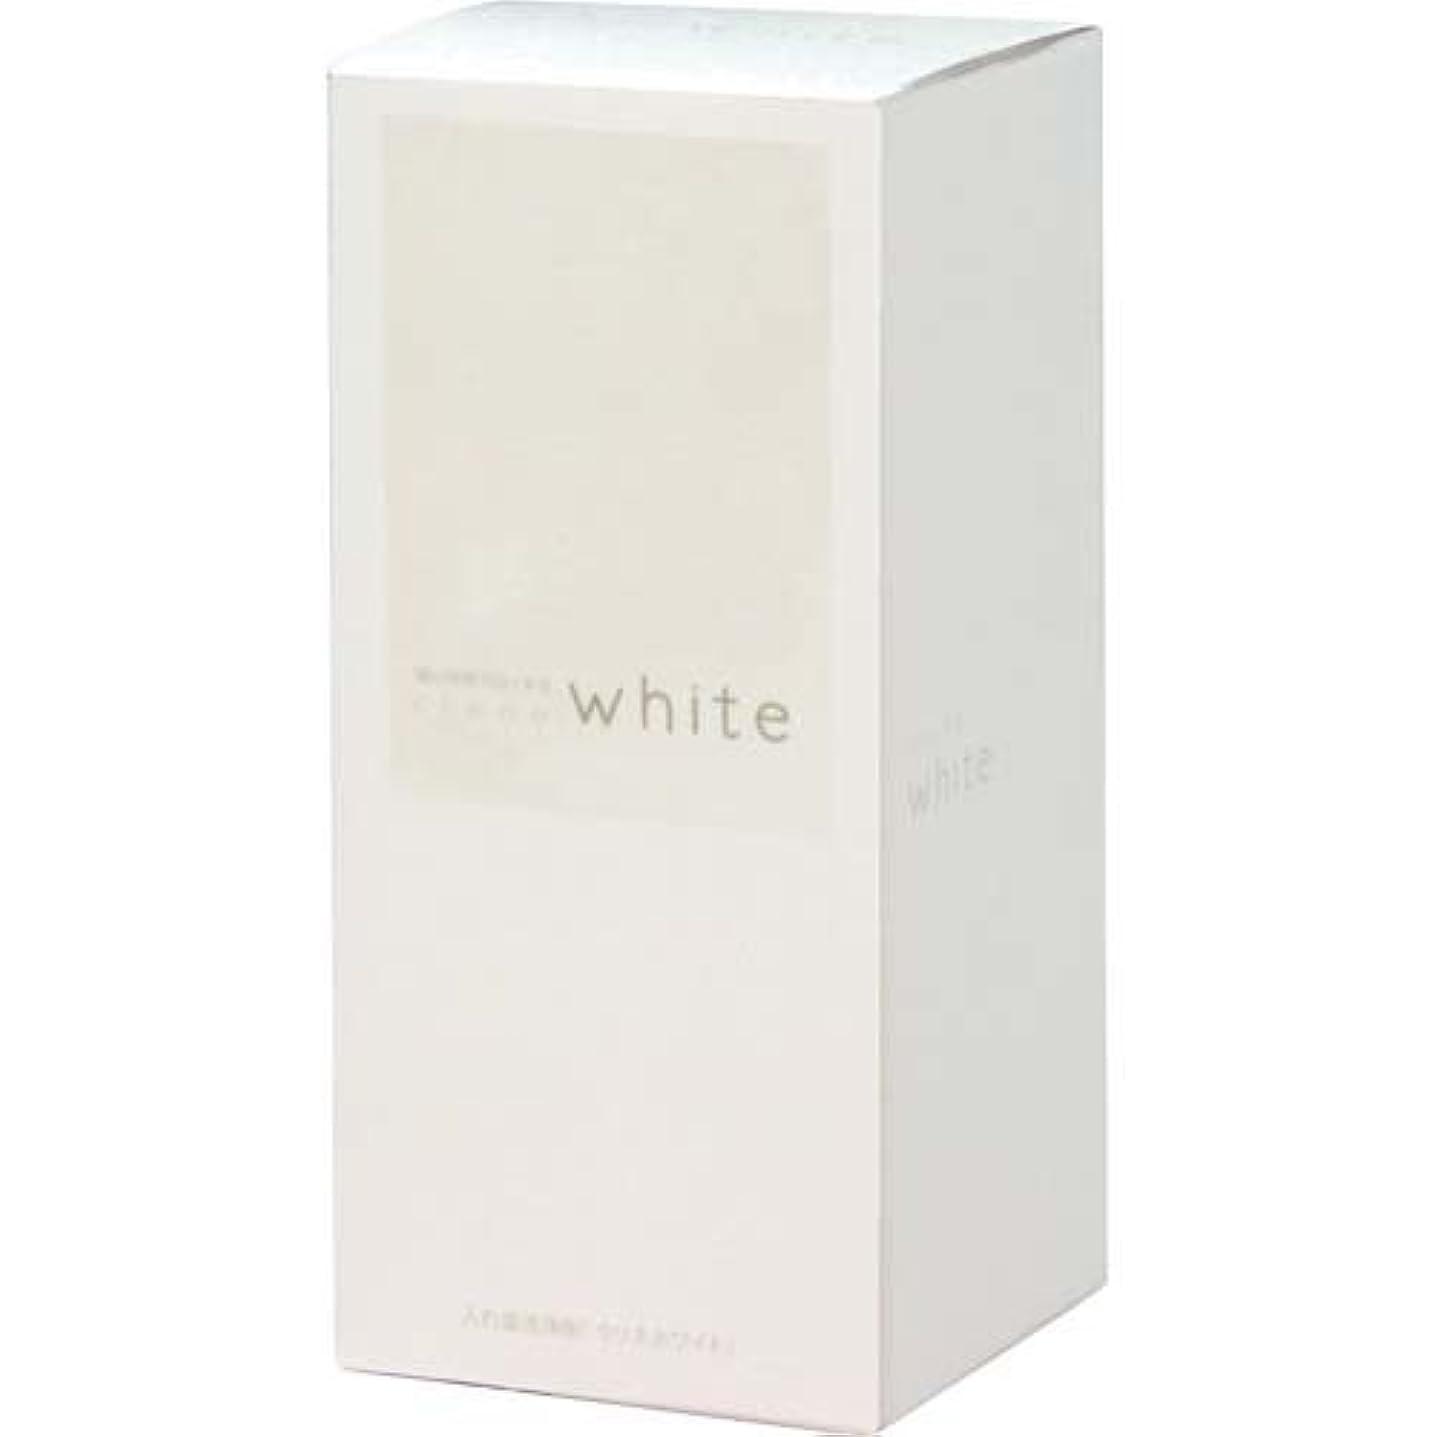 カプセル本質的にバーゲン短い時間で白くする 強力入れ歯洗浄剤 クリネホワイト